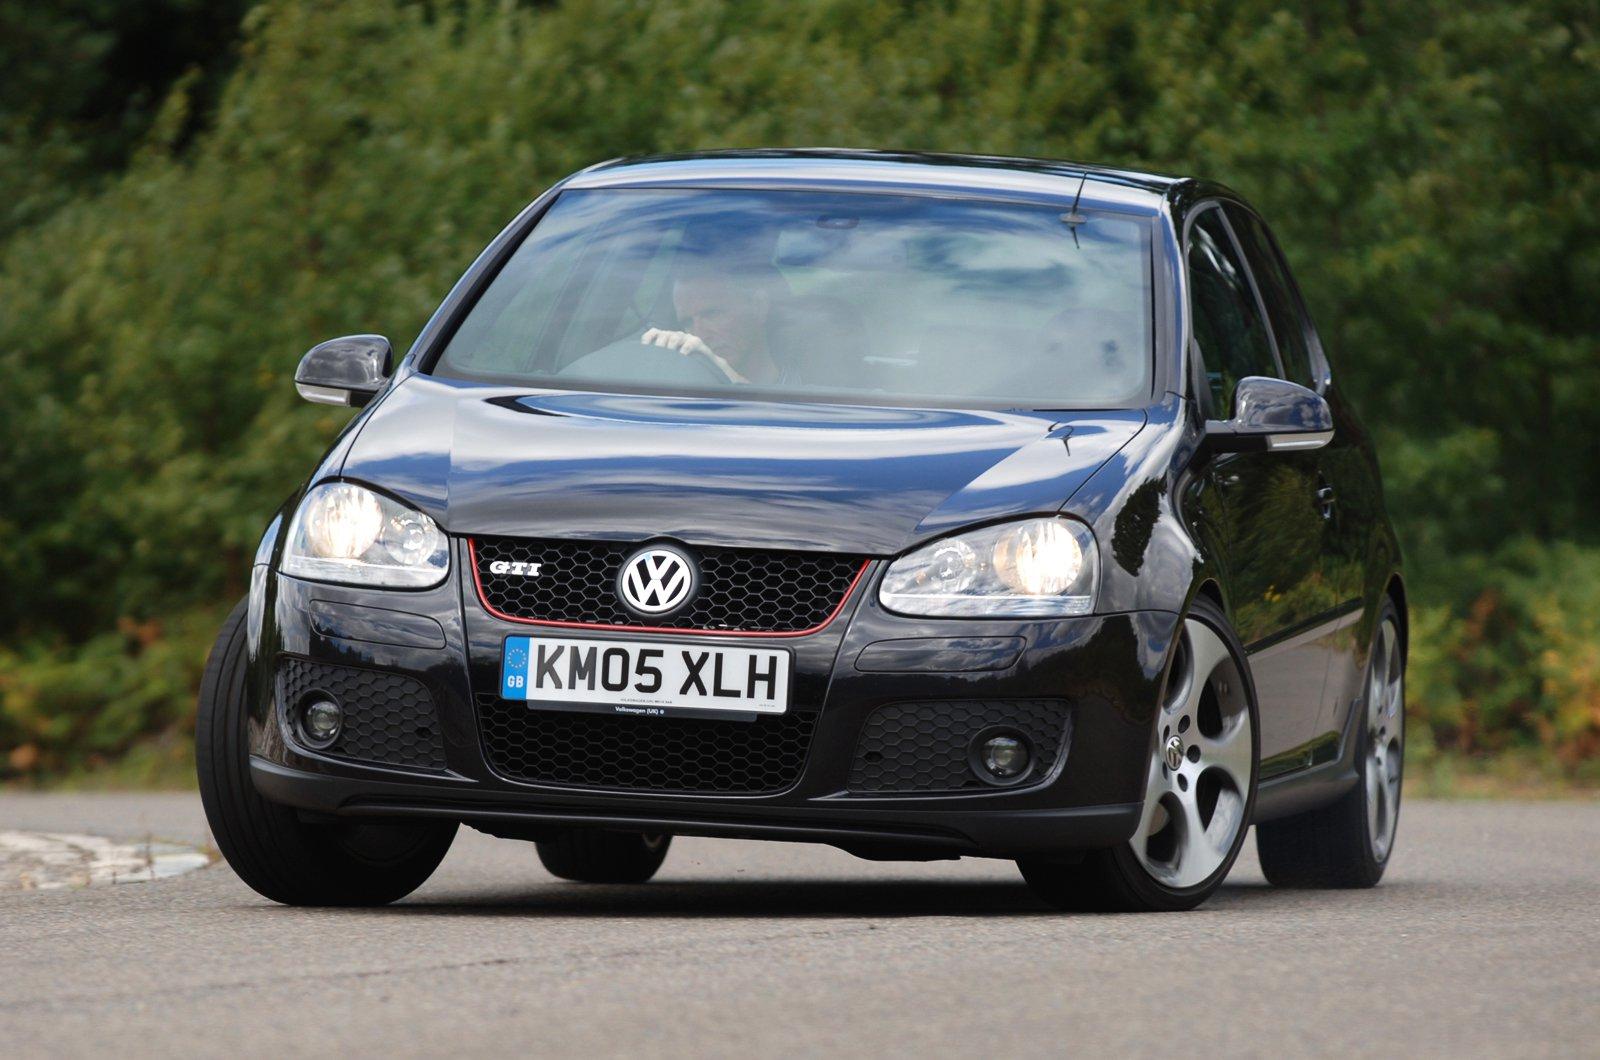 Volkswagen Golf GTI Mk5 front cornering